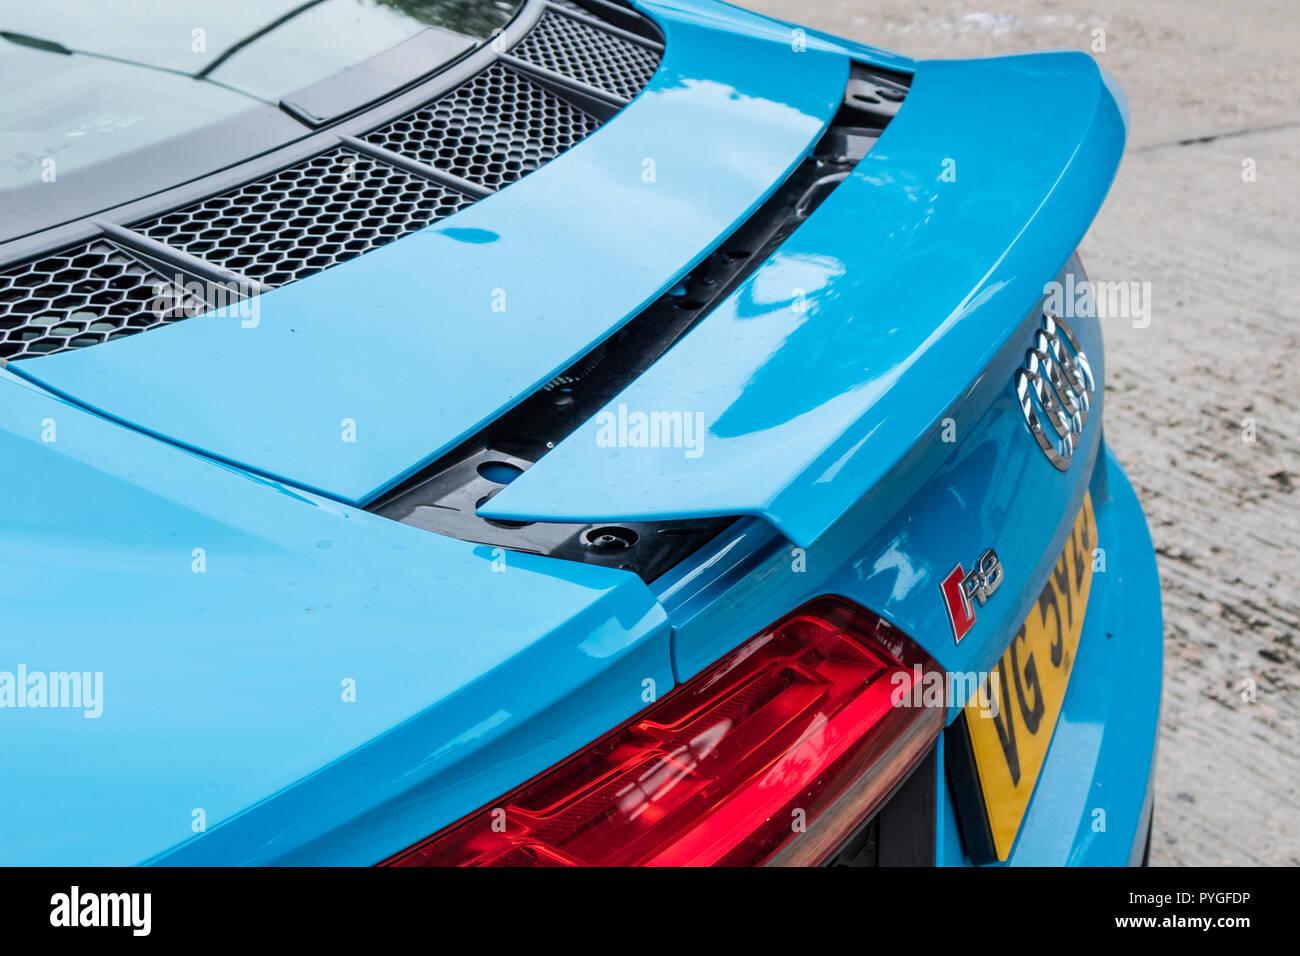 Hong Kong, China July 3, 2018 : Audi R8 2018 Rear Wing July 3 2018 in Hong Kong. - Stock Image